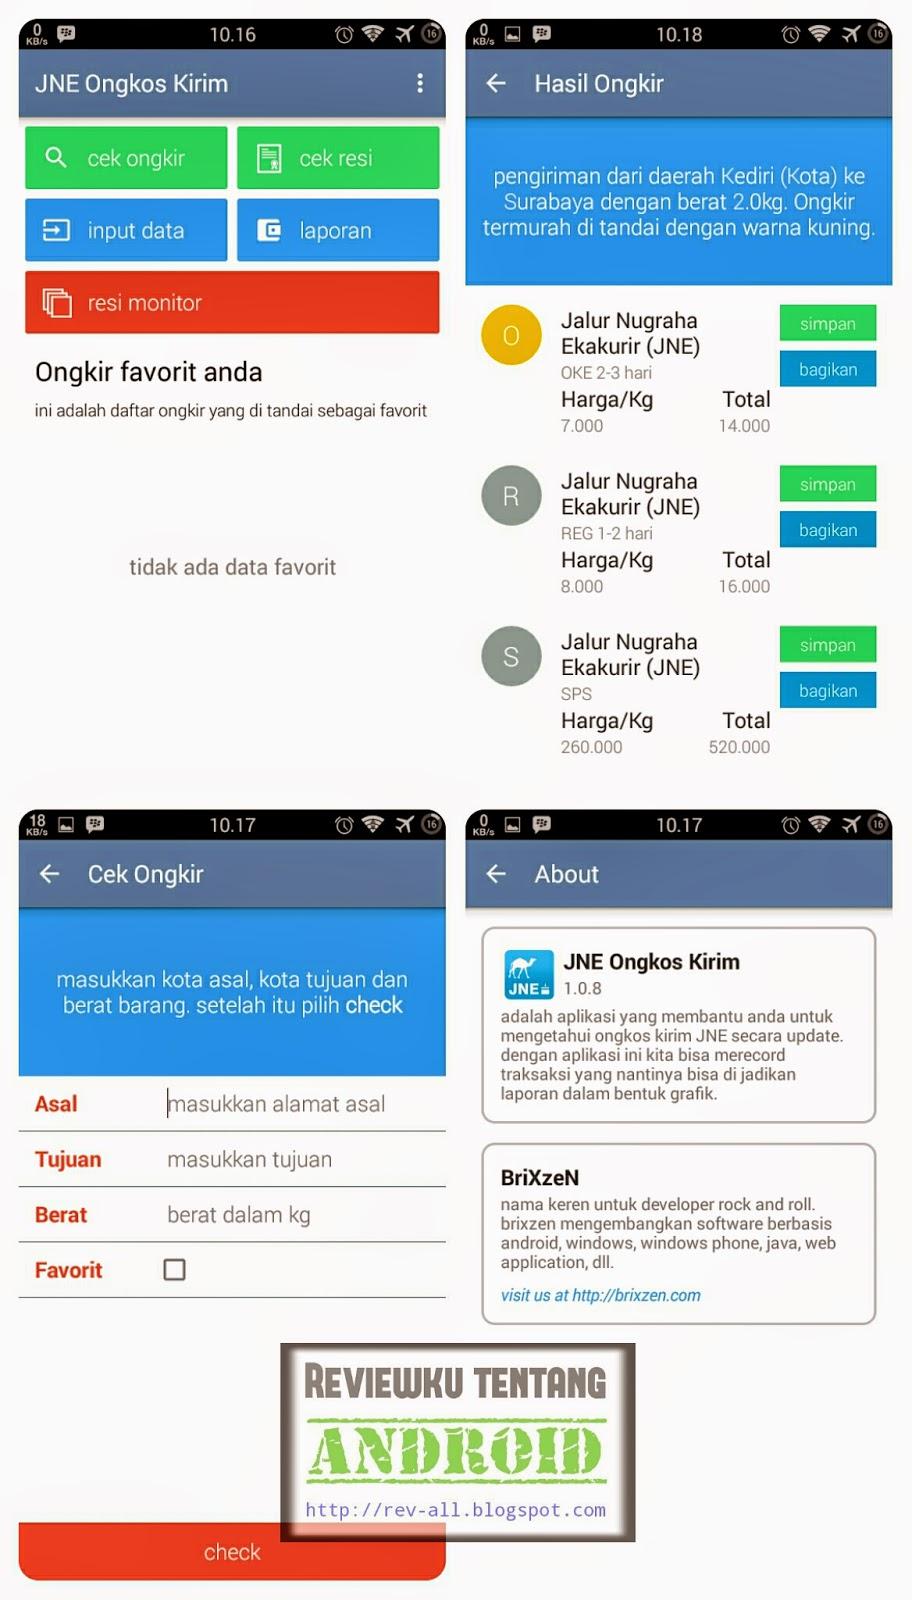 Tampmilan JNE Ongkos kirim - aplikasi android untuk cek ongkir barang via JNE (rev-all.blogspot.com)